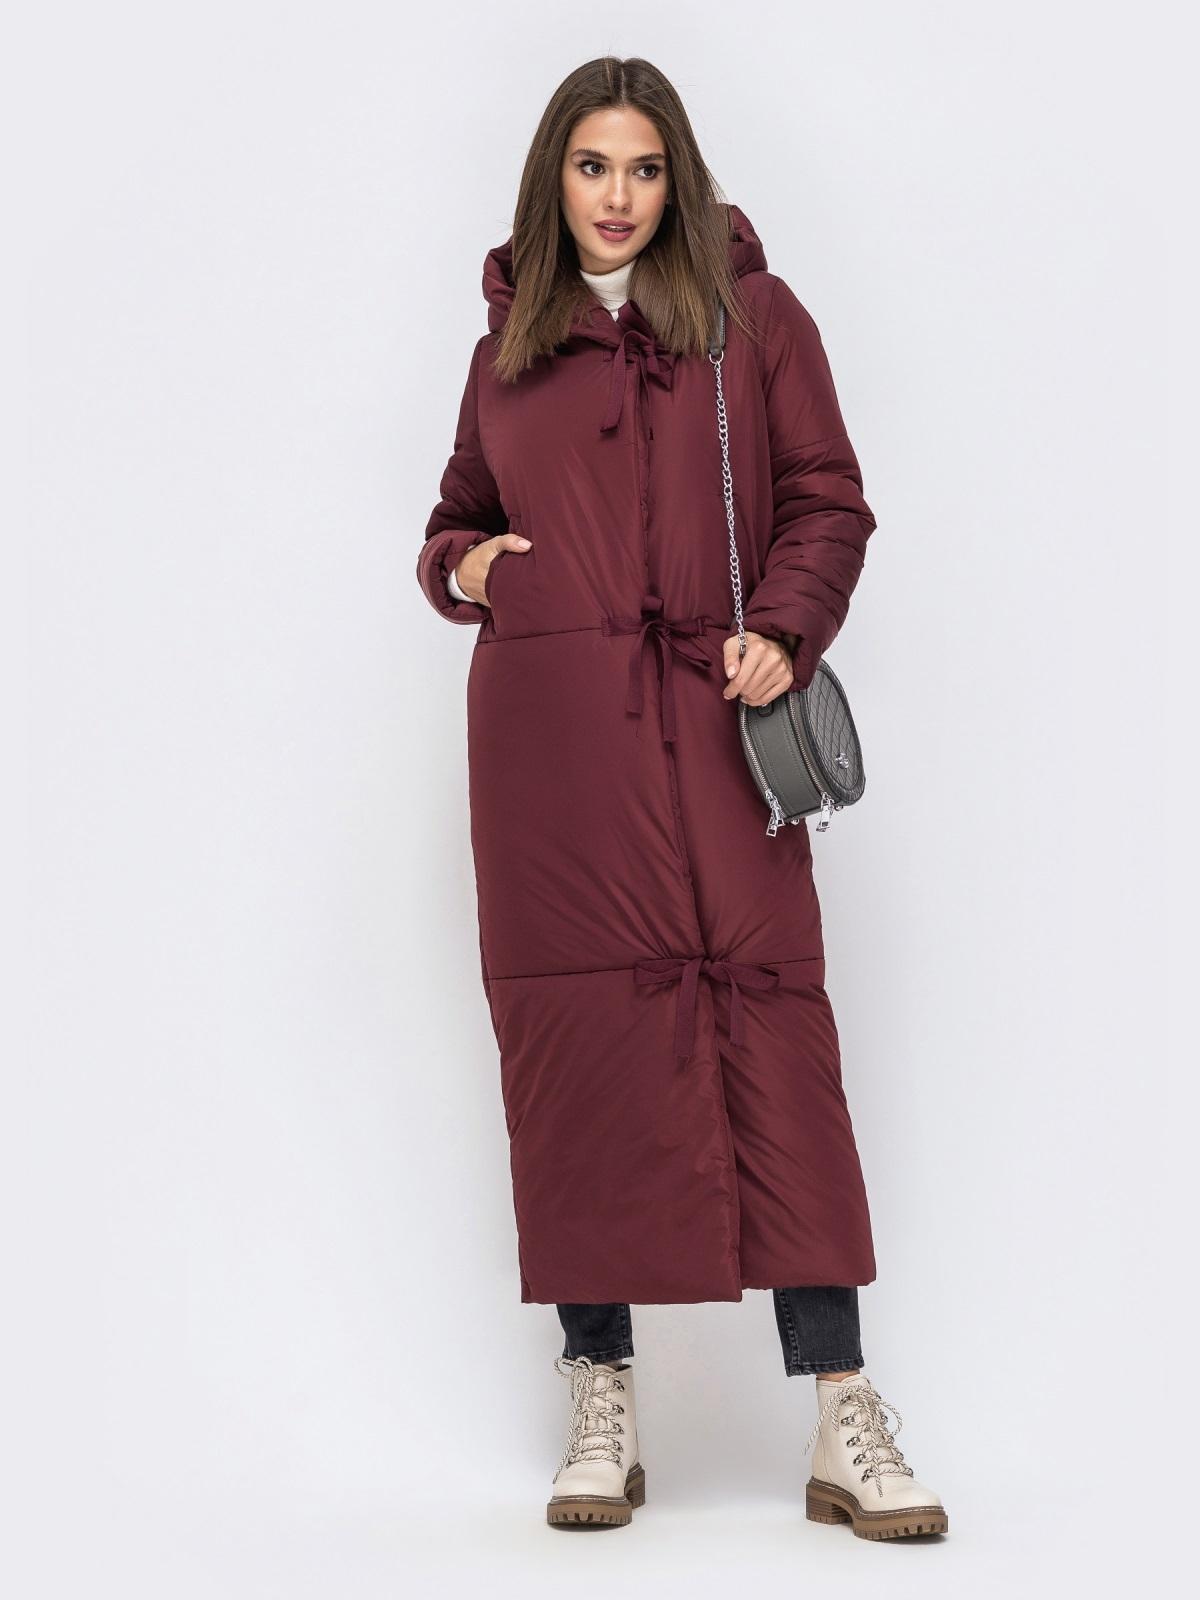 Зимняя куртка в пол со вшитым капюшоном бордовая - 41704, фото 1 – интернет-магазин Dressa